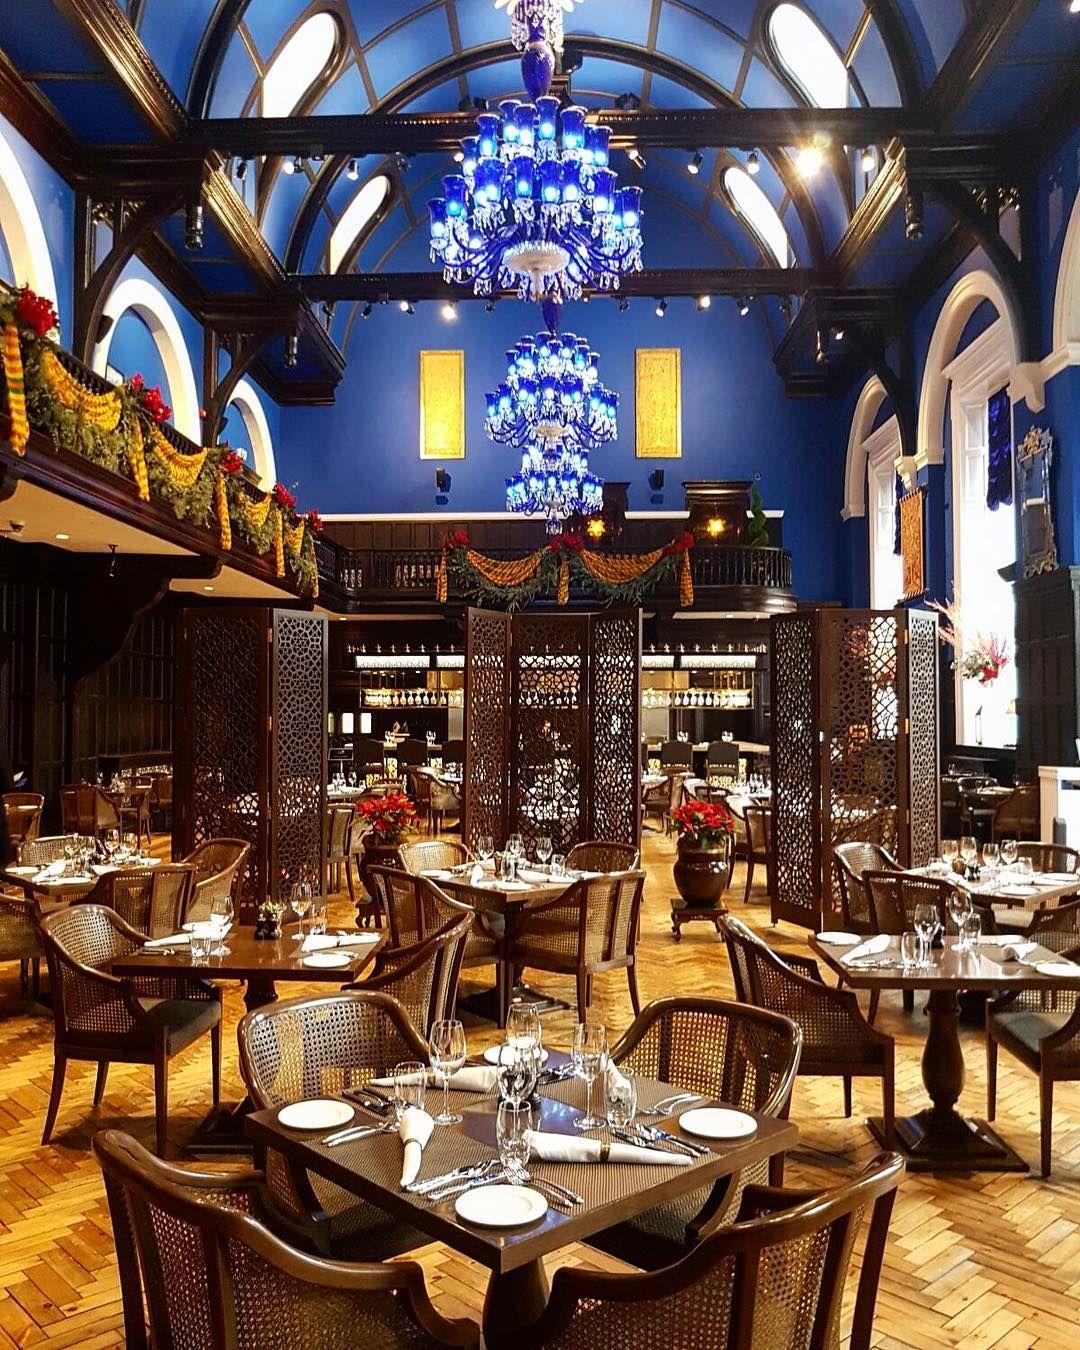 Top Indian Restaurants In London Top City Bites Best Cities London Top Indian Restaurants